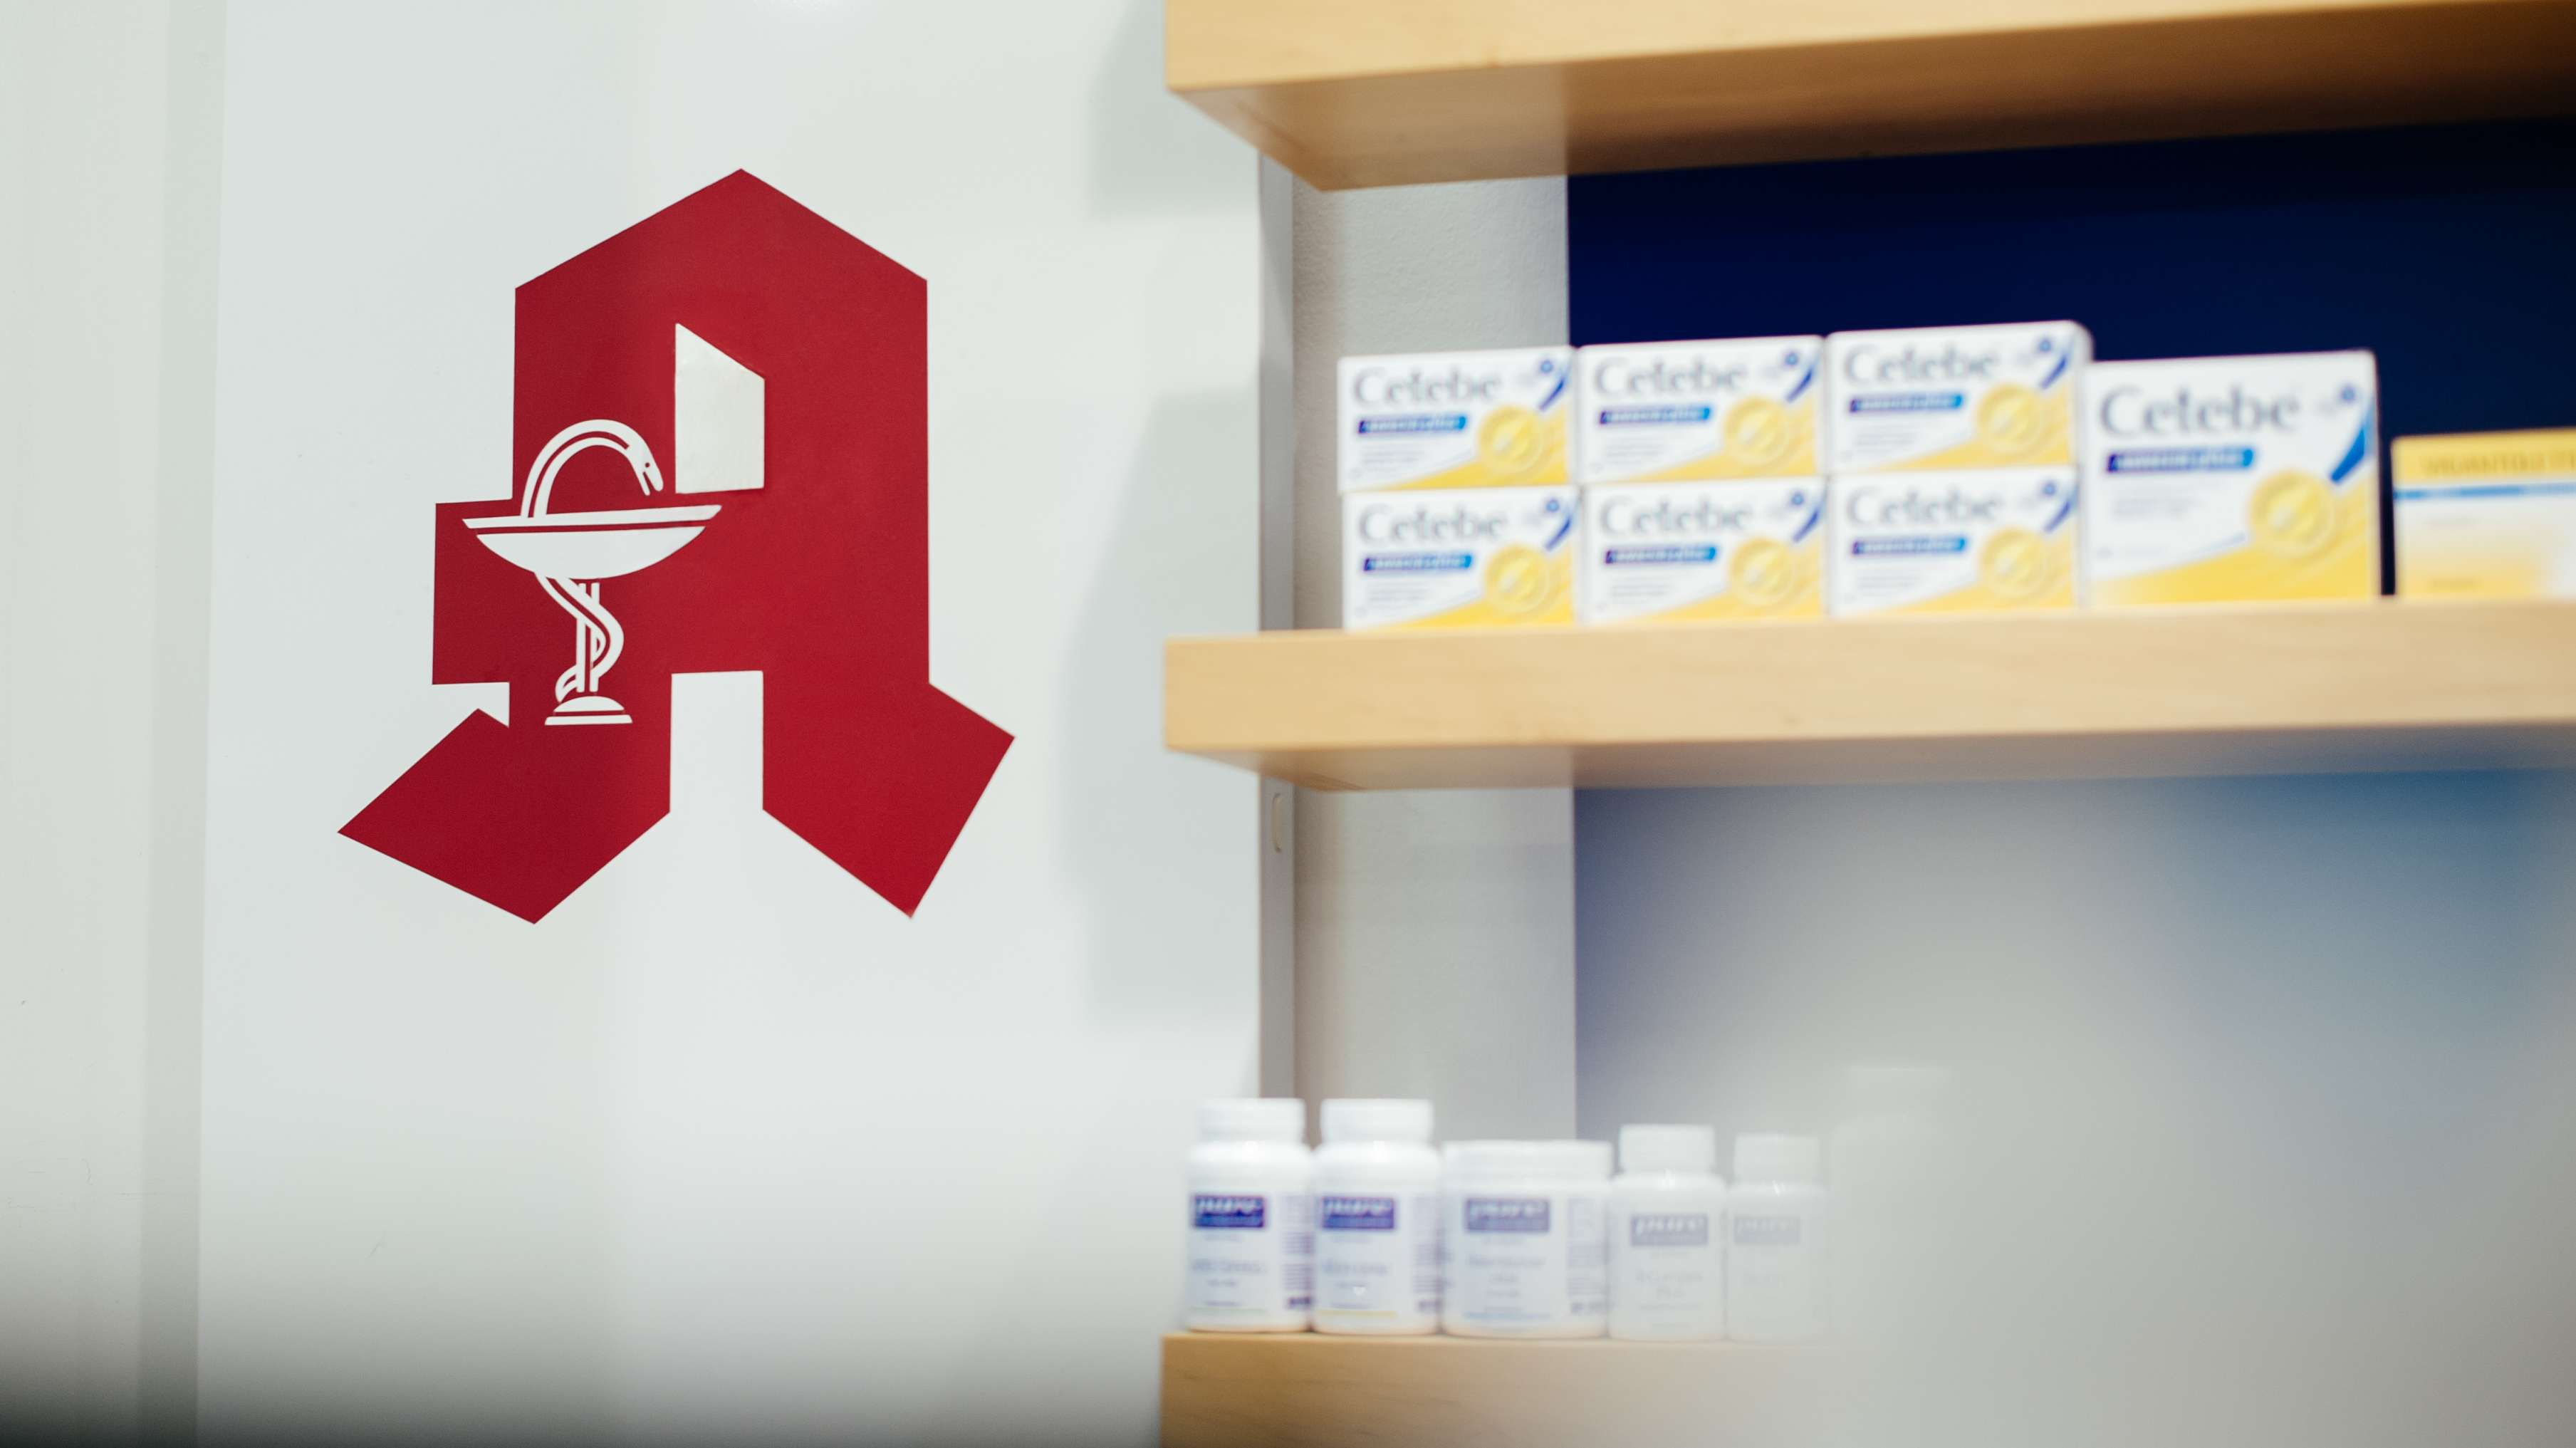 Das Logo einer Apotheke ist neben einem Regal mit Medikamenten zu sehen.